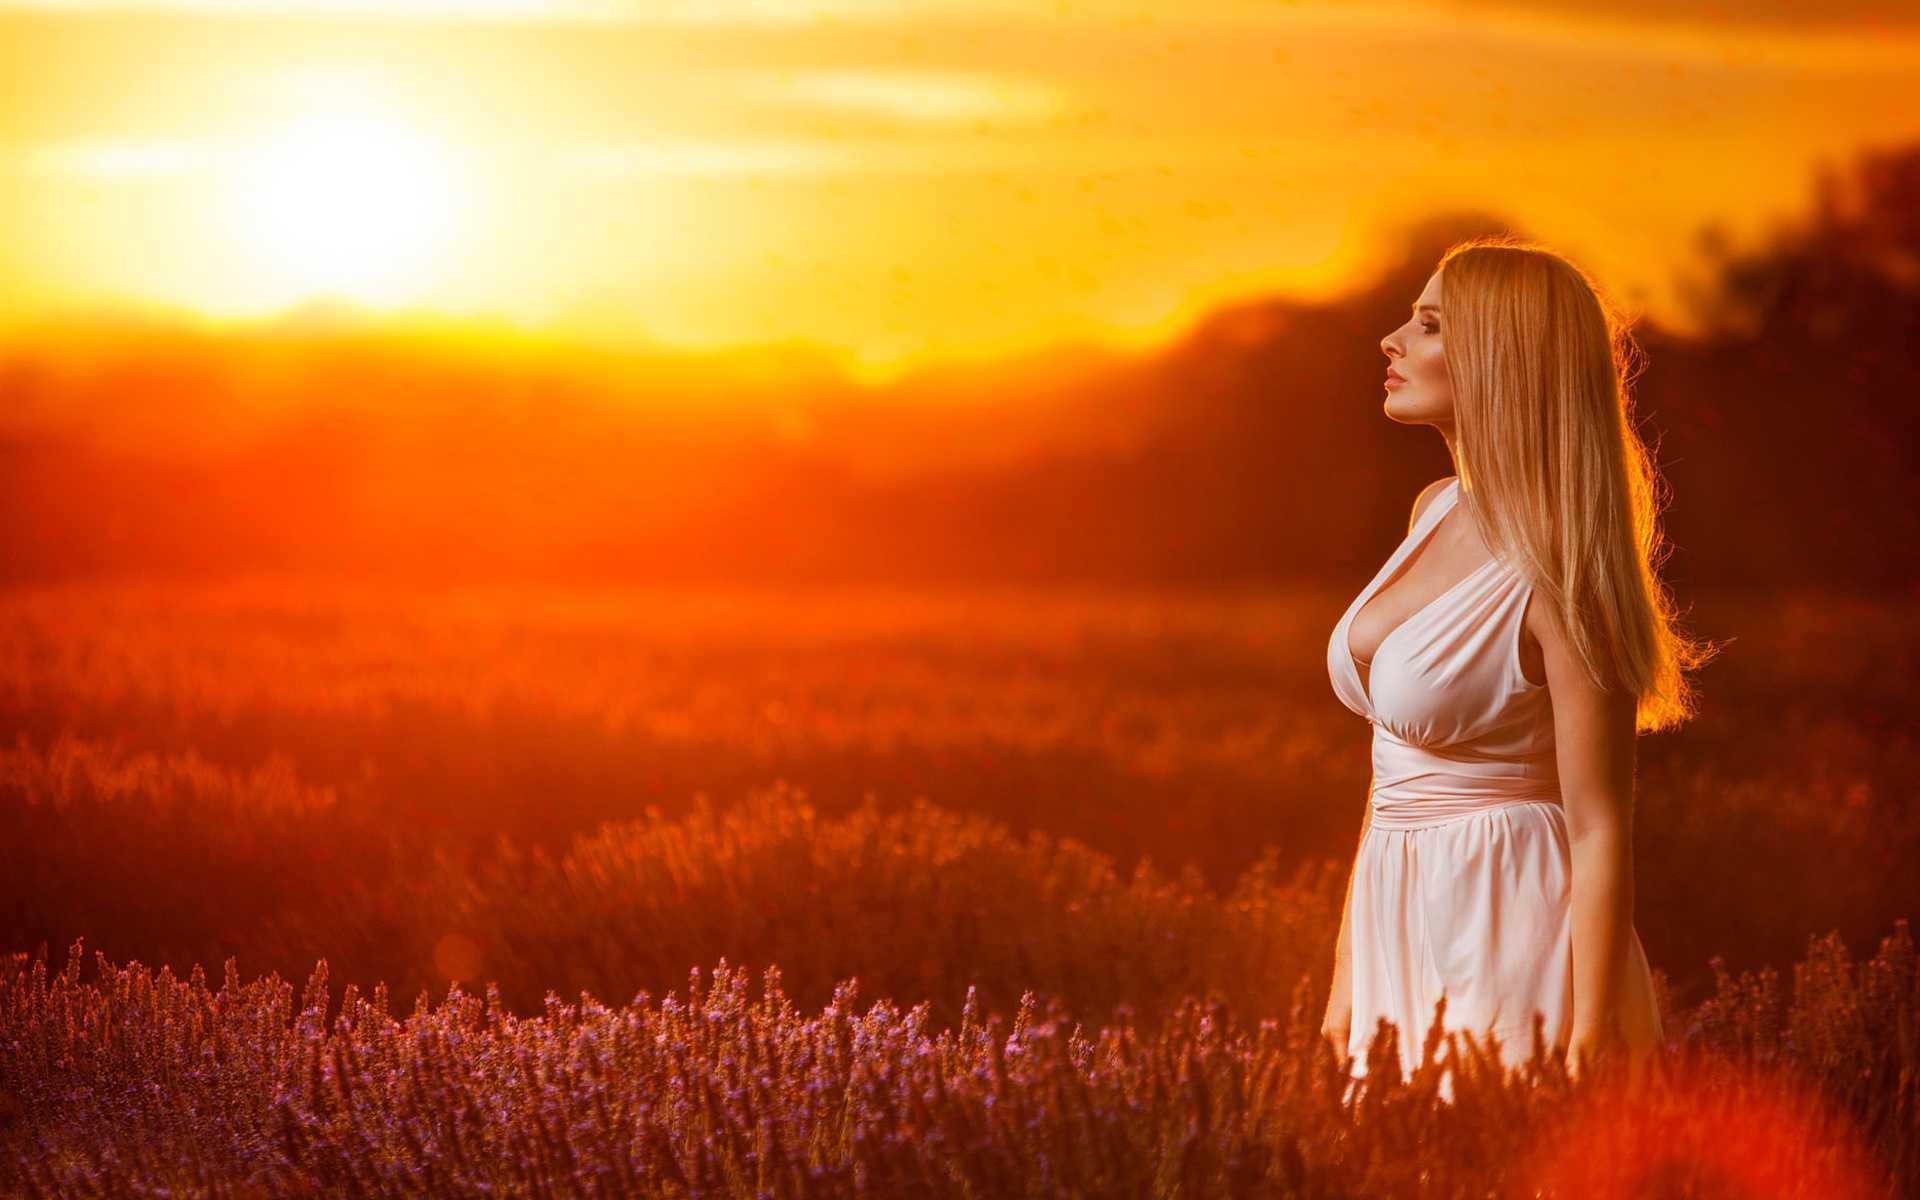 Позы для фотосессии для девушек на природе летом